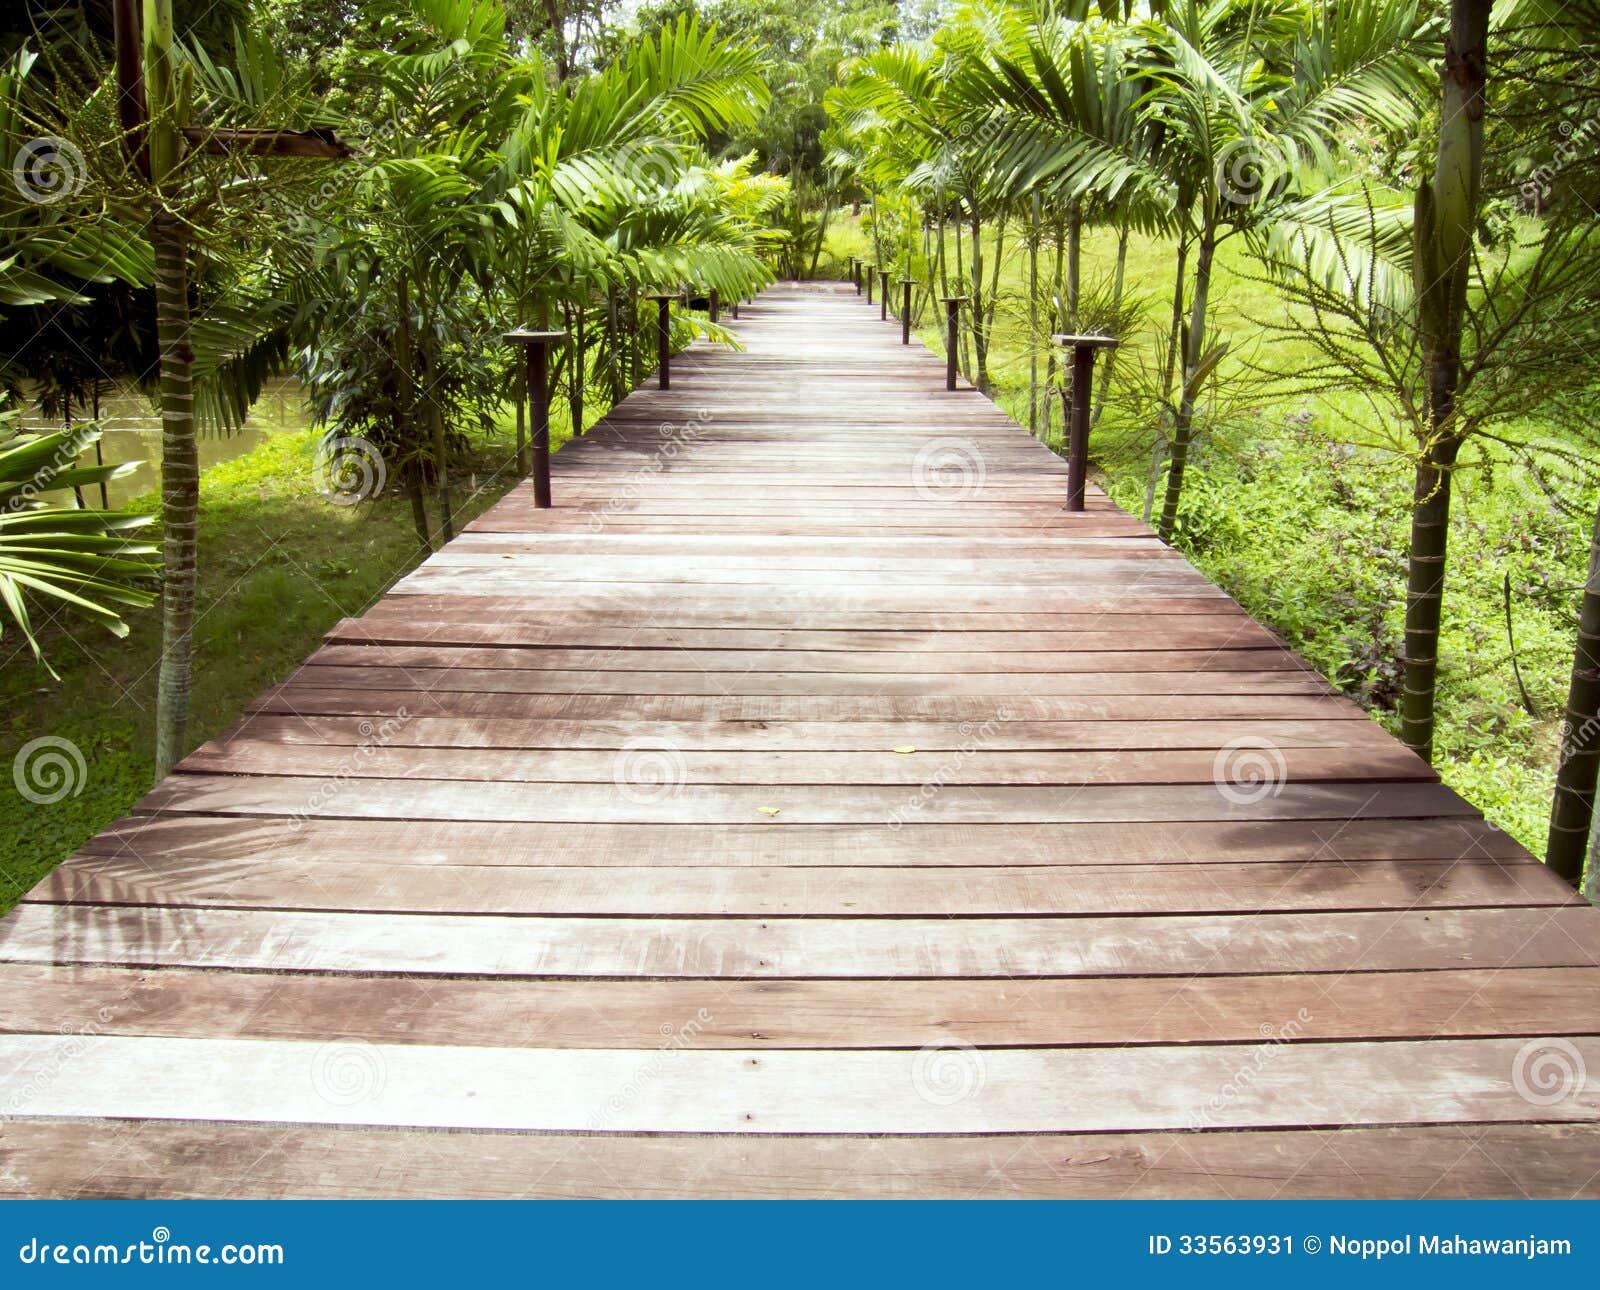 Wooden walkways stock image image 33563931 - Garden wooden walkways ...